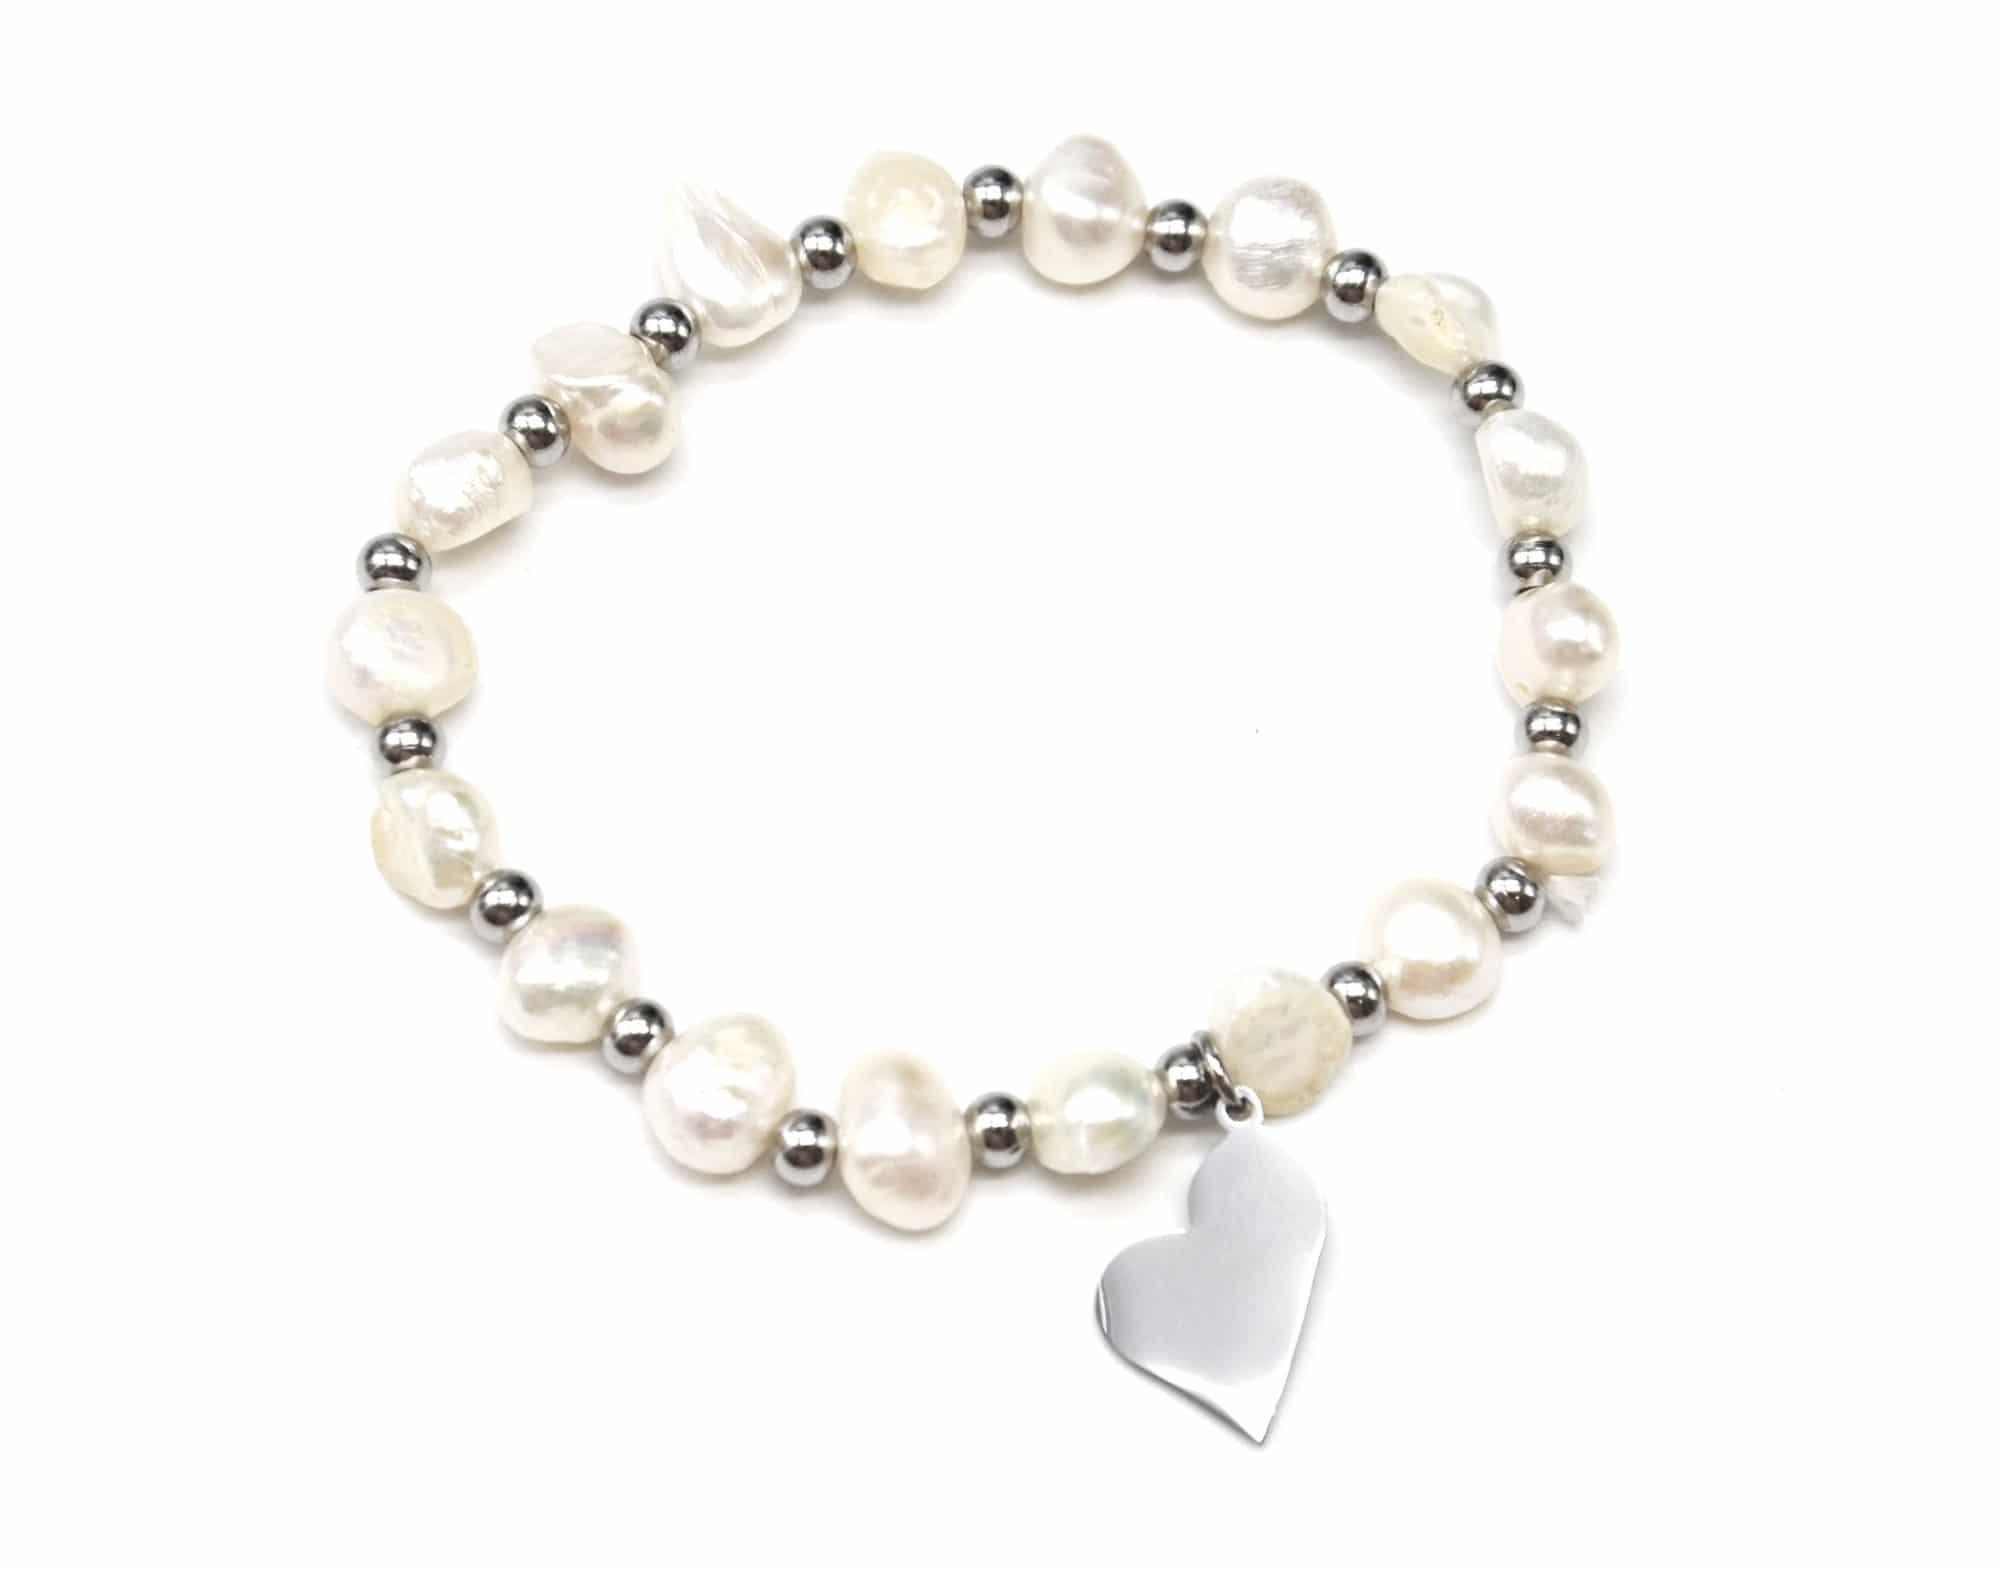 bc2448e bracelet elastique perles d 39 eau douce et boules. Black Bedroom Furniture Sets. Home Design Ideas